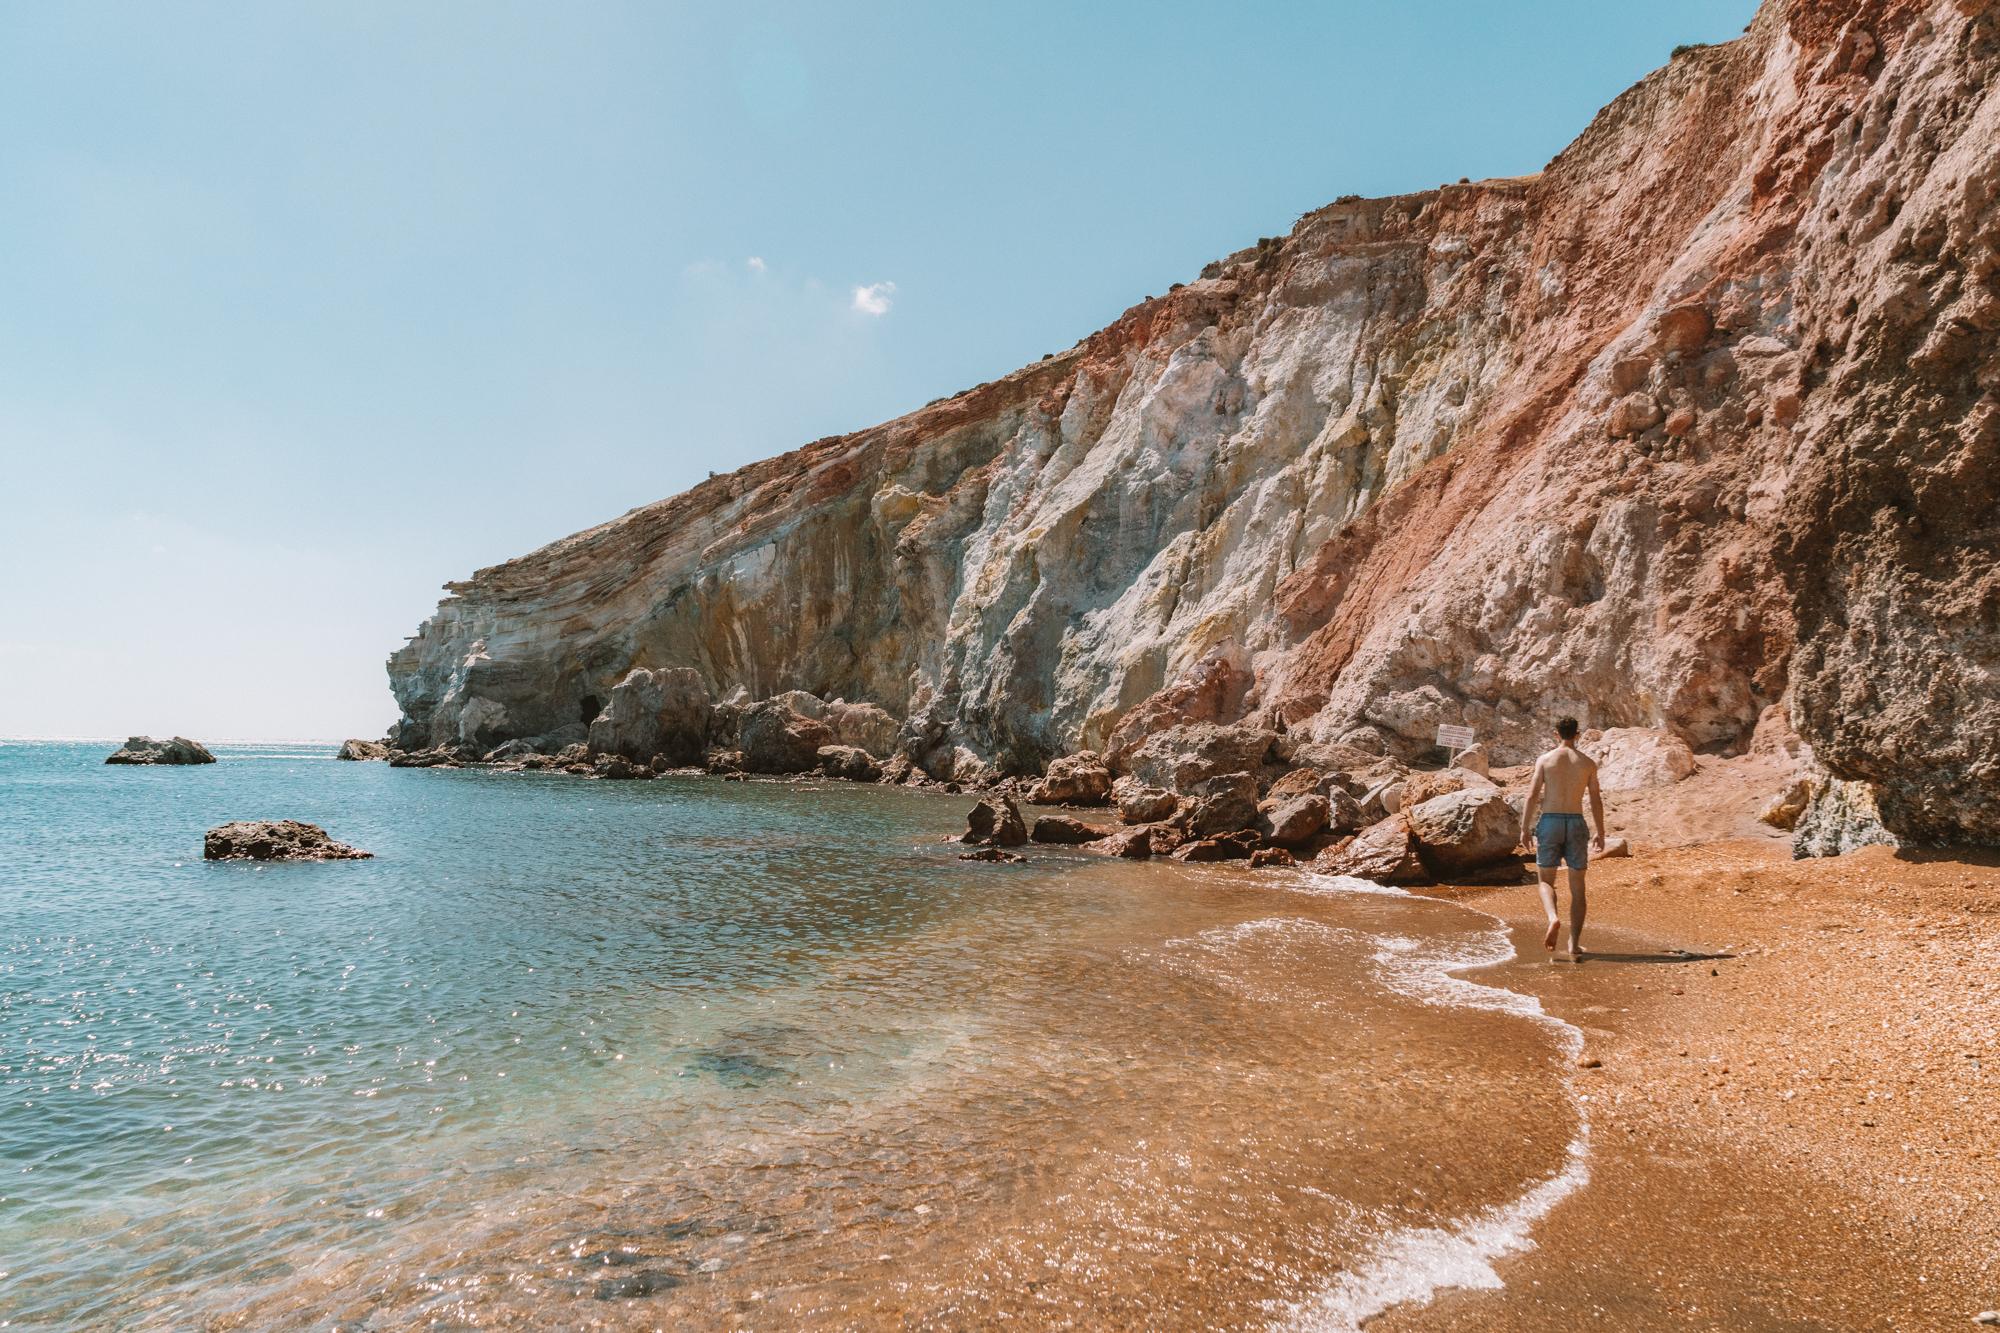 希腊米洛斯的帕利奥科里海滩